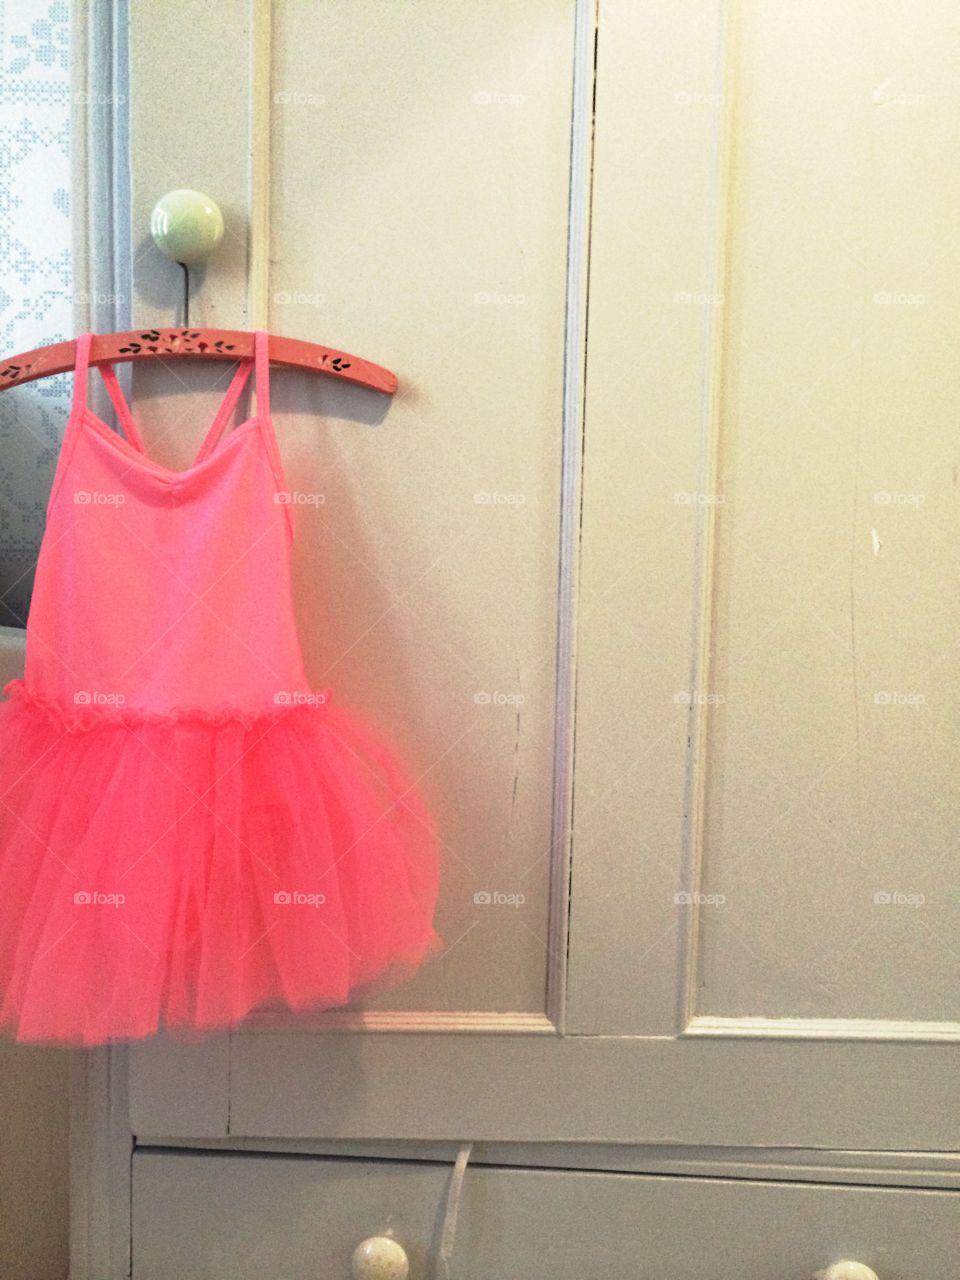 Ballerina dress. Ballerina dress on hanger